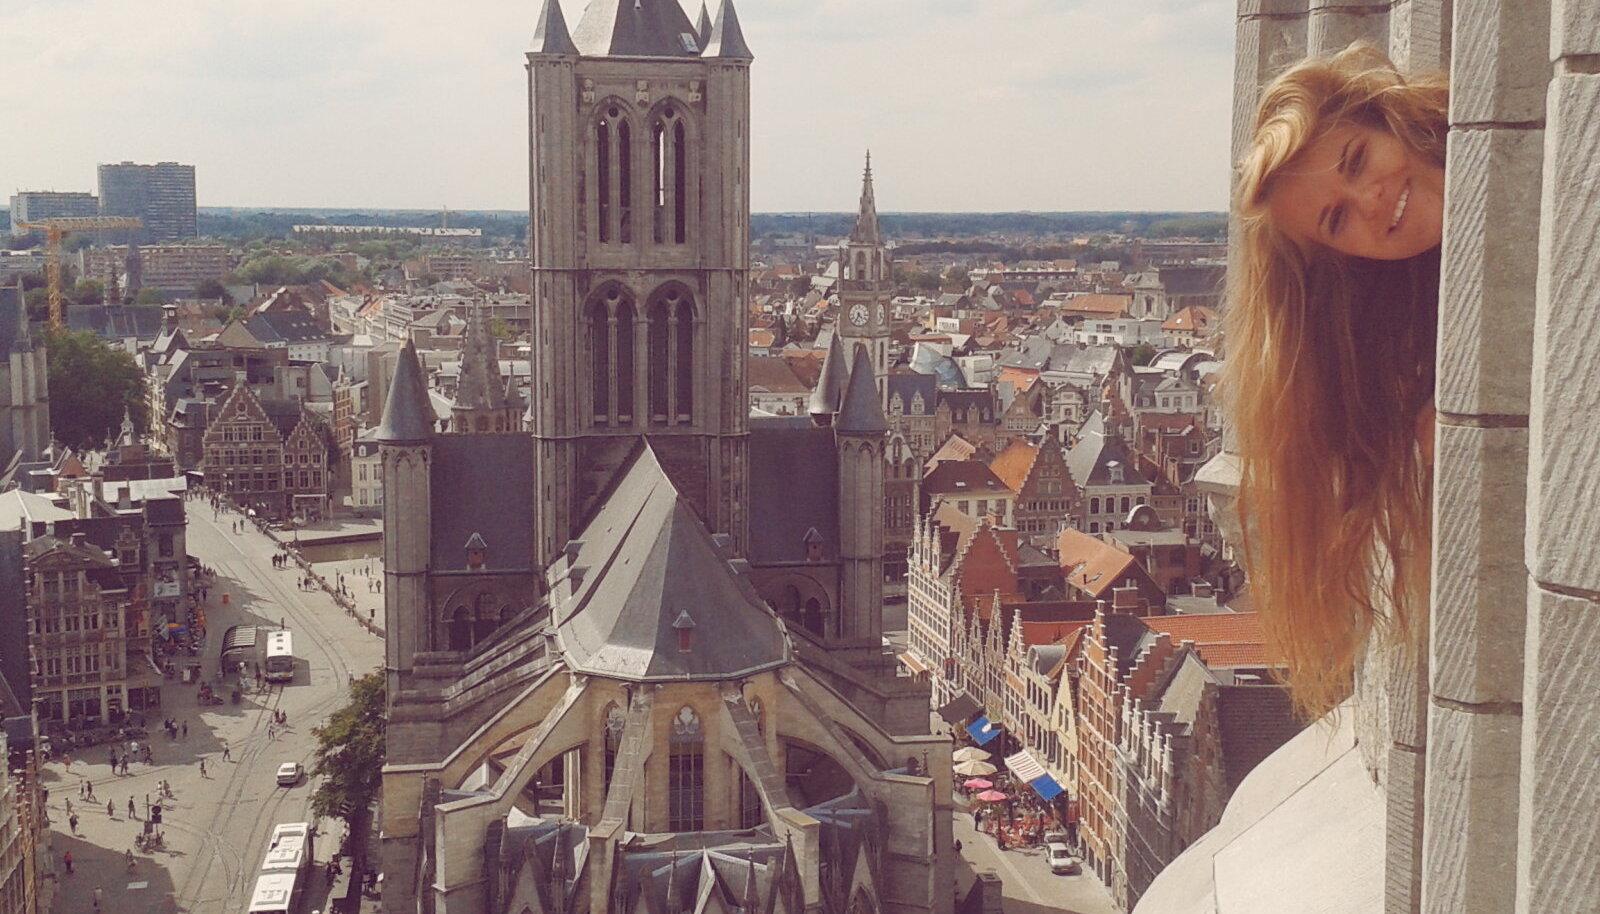 Püha Bavo nimelise katoliku gooti katedraali 89-meetri kõrgusest tornist avanes muinasjutulisele Genti linnale lummav vaade.